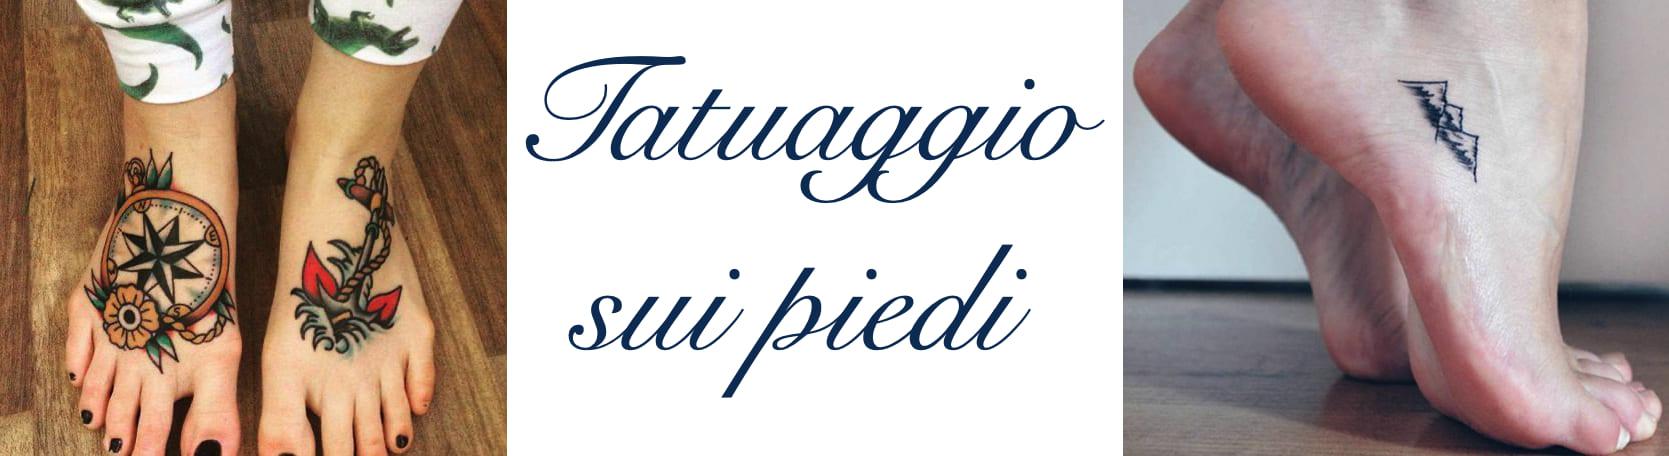 Tatuaggio Tattoo Piedi Significato